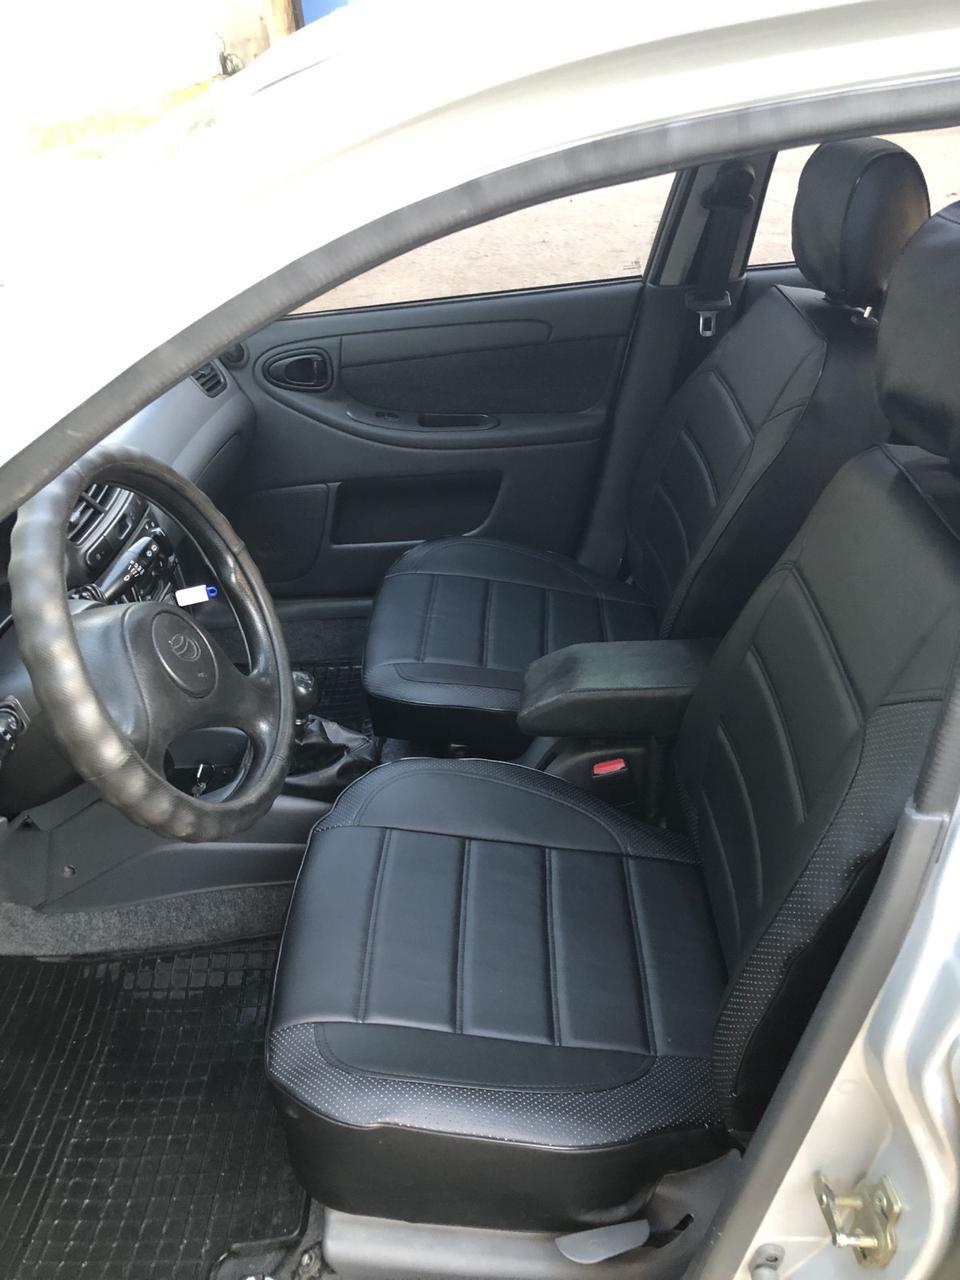 Чехлы на сиденья ВАЗ Лада 2110 (VAZ Lada 2110) модельные MAX-L из экокожи Черный